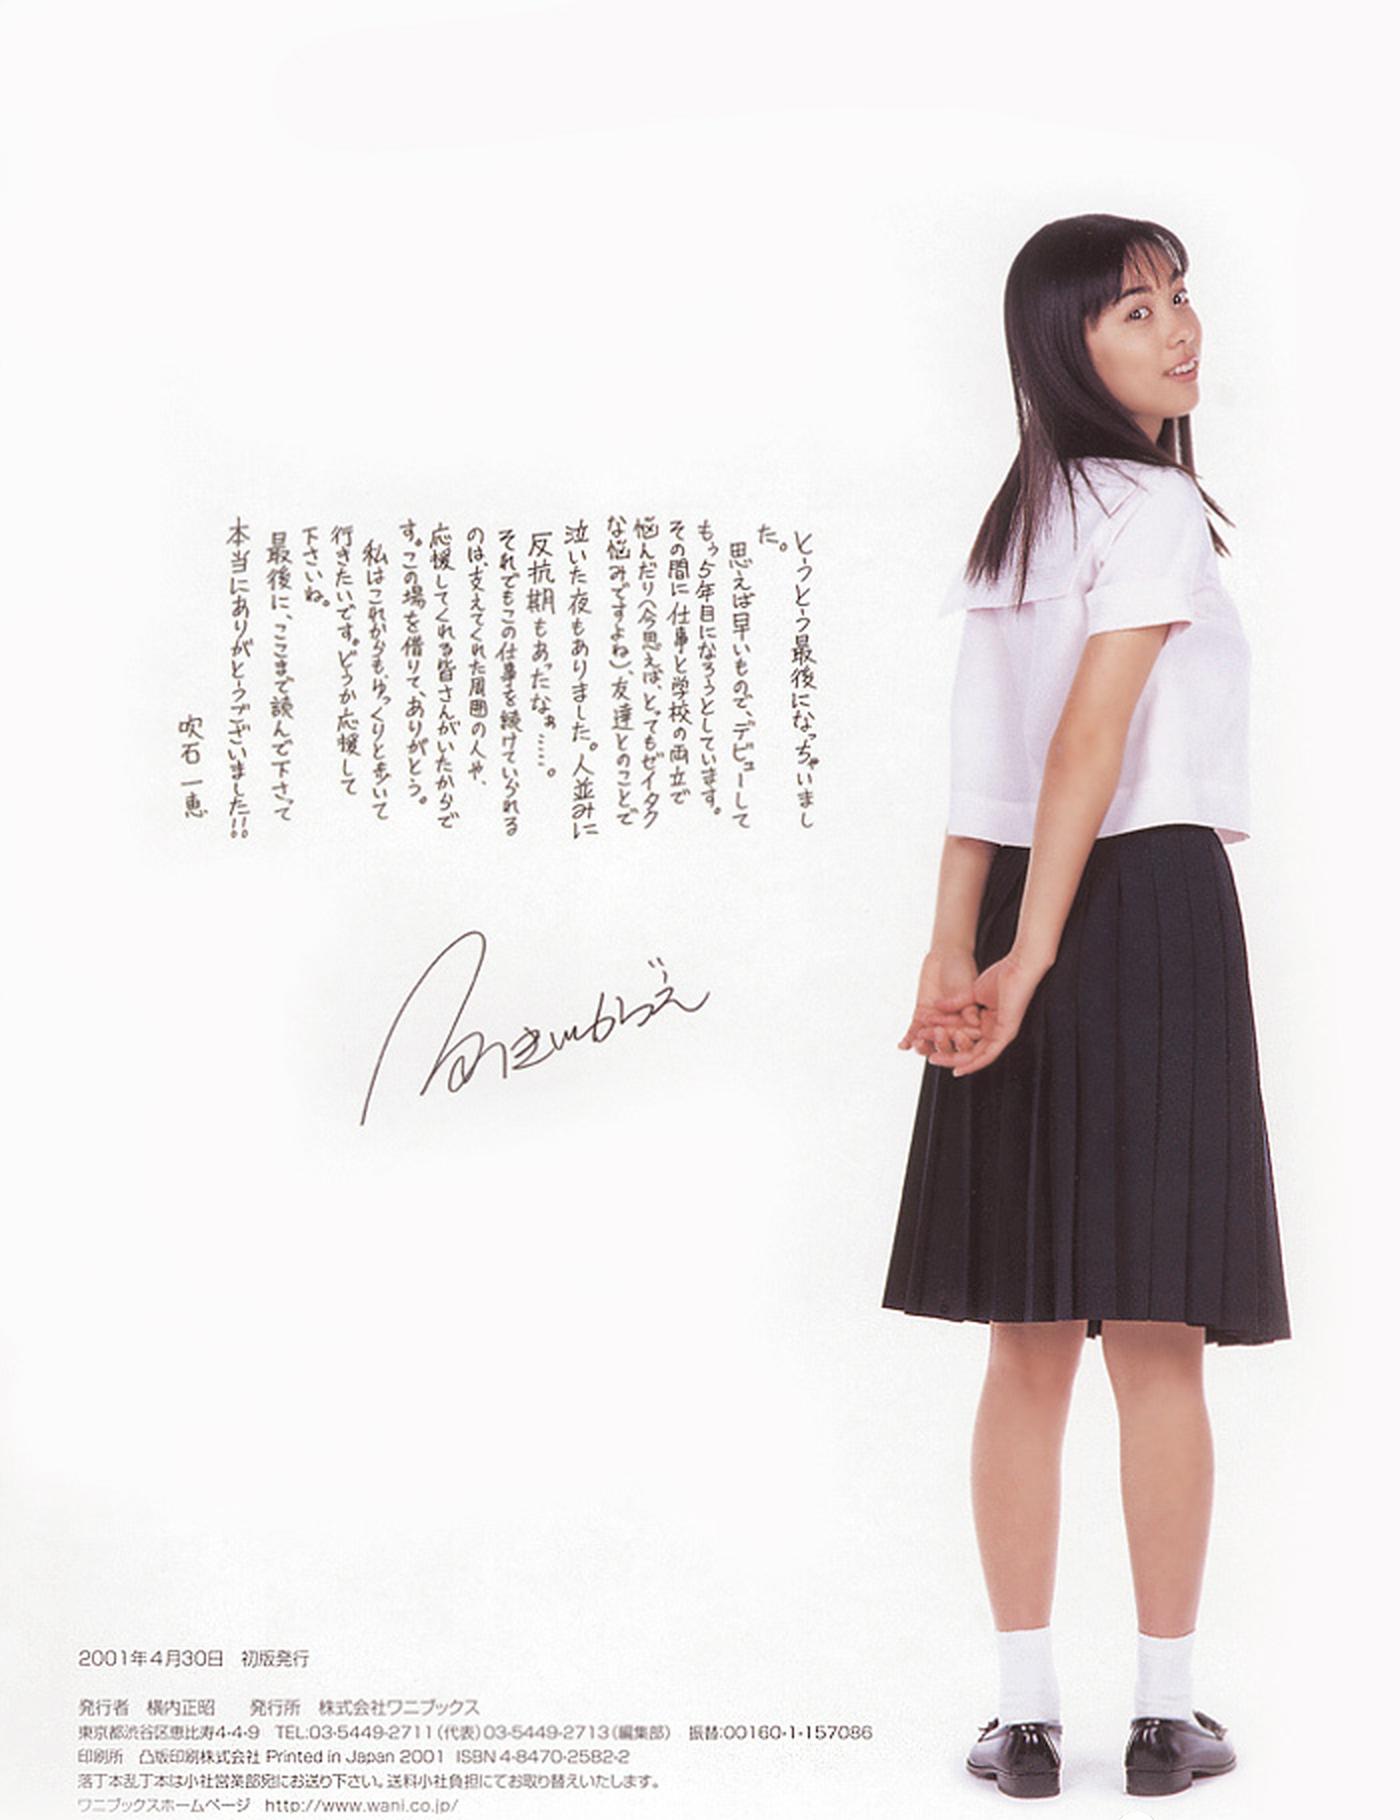 被锁在保险柜里的日本艺人吹石一惠的写真作品 (51)